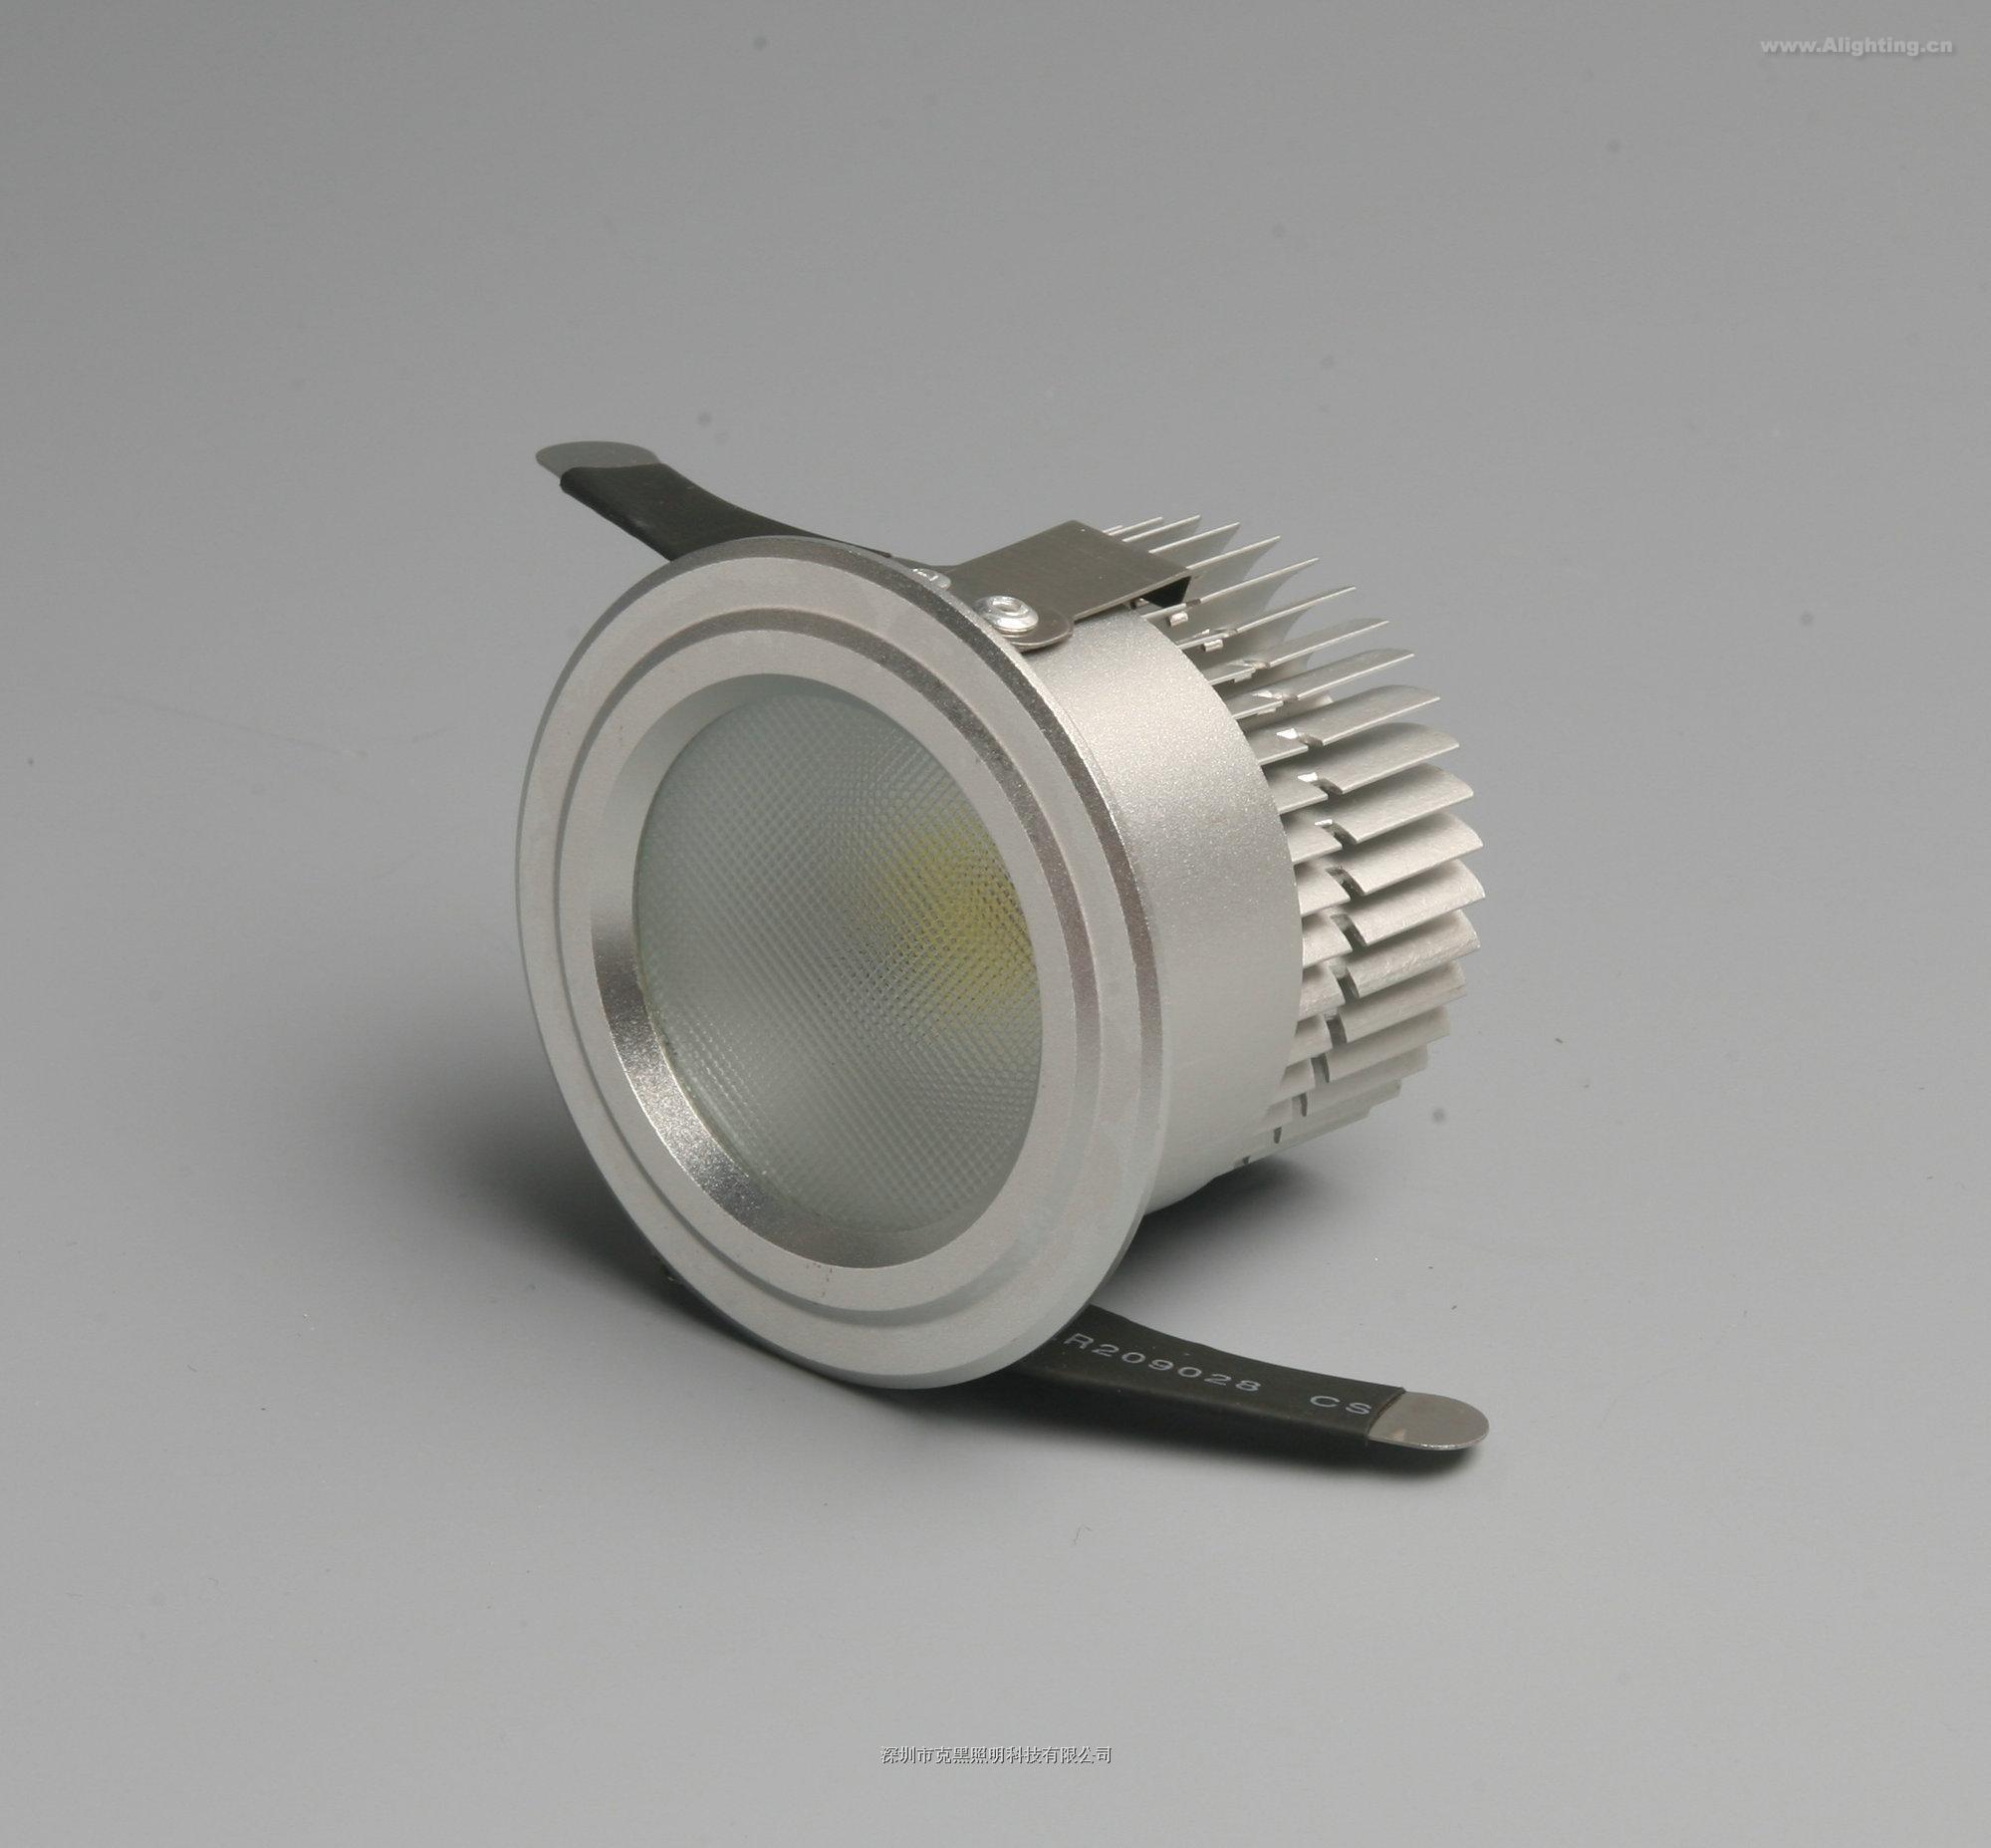 天花筒灯 - 深圳市克黑照明科技有限公司